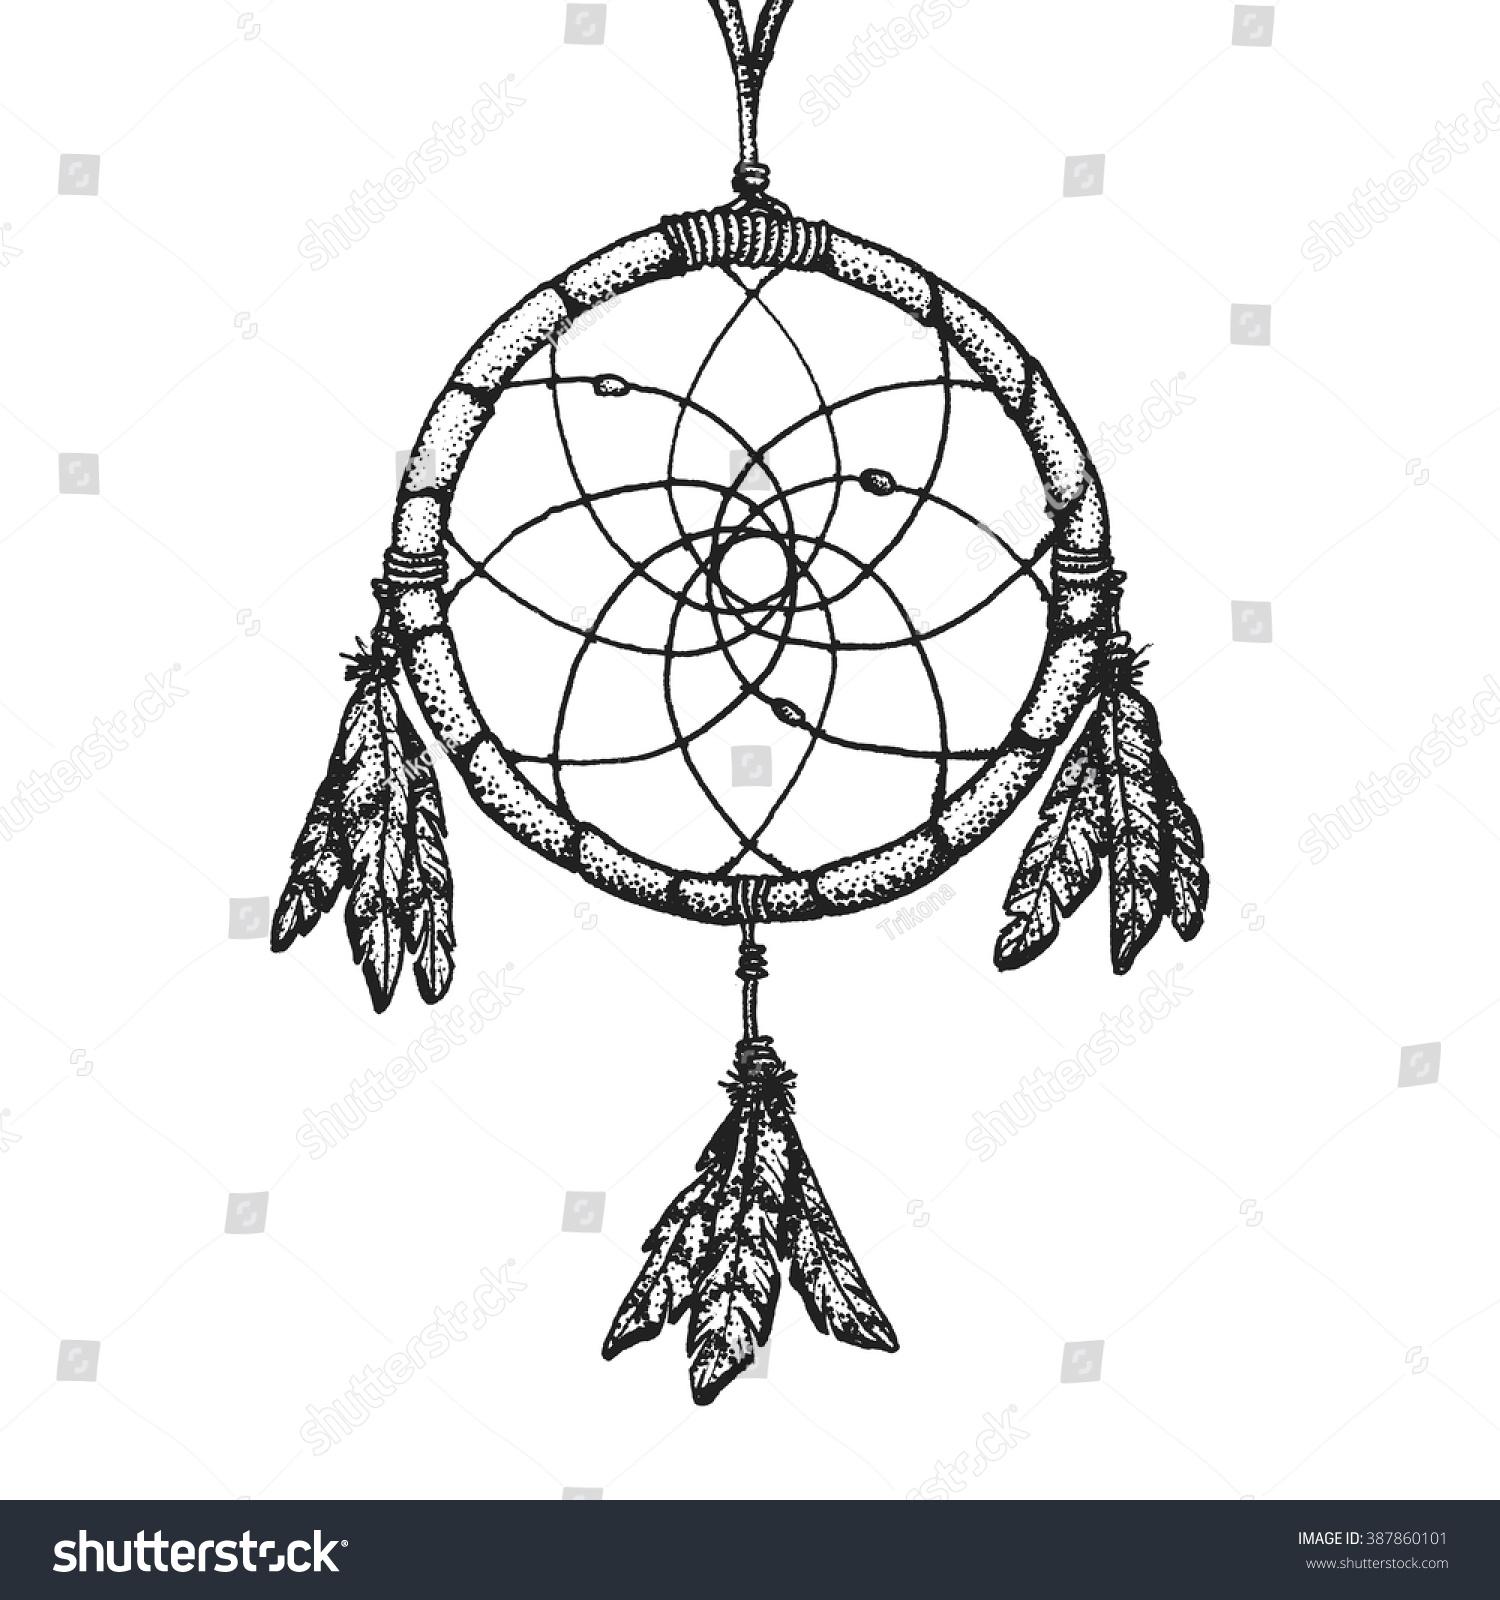 Color art dreamcatcher - Vector Black Color Monochrome Dotted Art Retro Tattoo Gravure Style Native American Dream Catcher Isolated Decorative